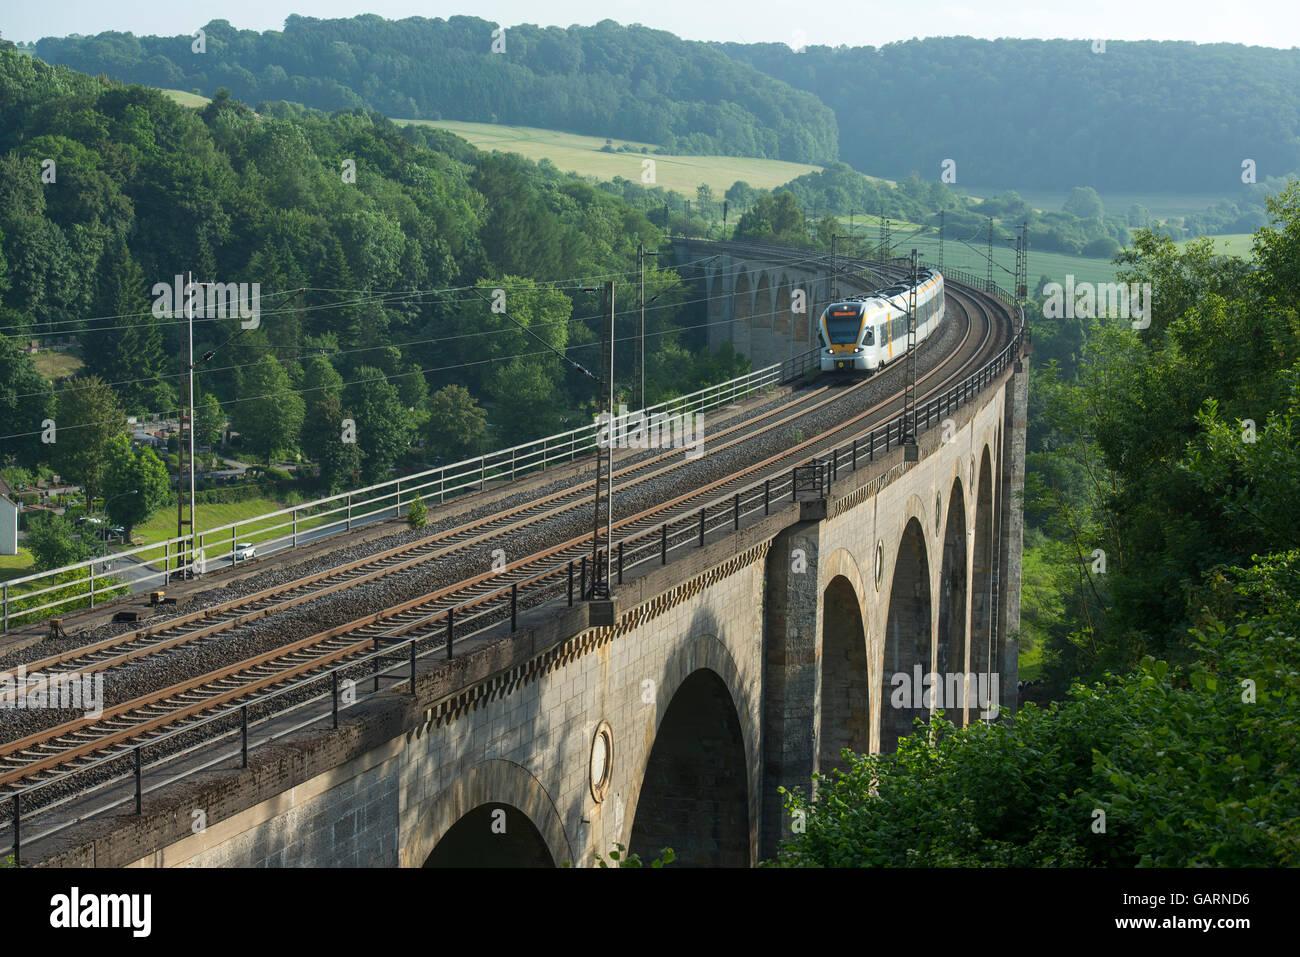 Deutschland, Nordrhein-Westfalen, Altenbeken, Großer Viadukt Altenbeken, Überspannt Mit 24 Brauerei Das Stockbild